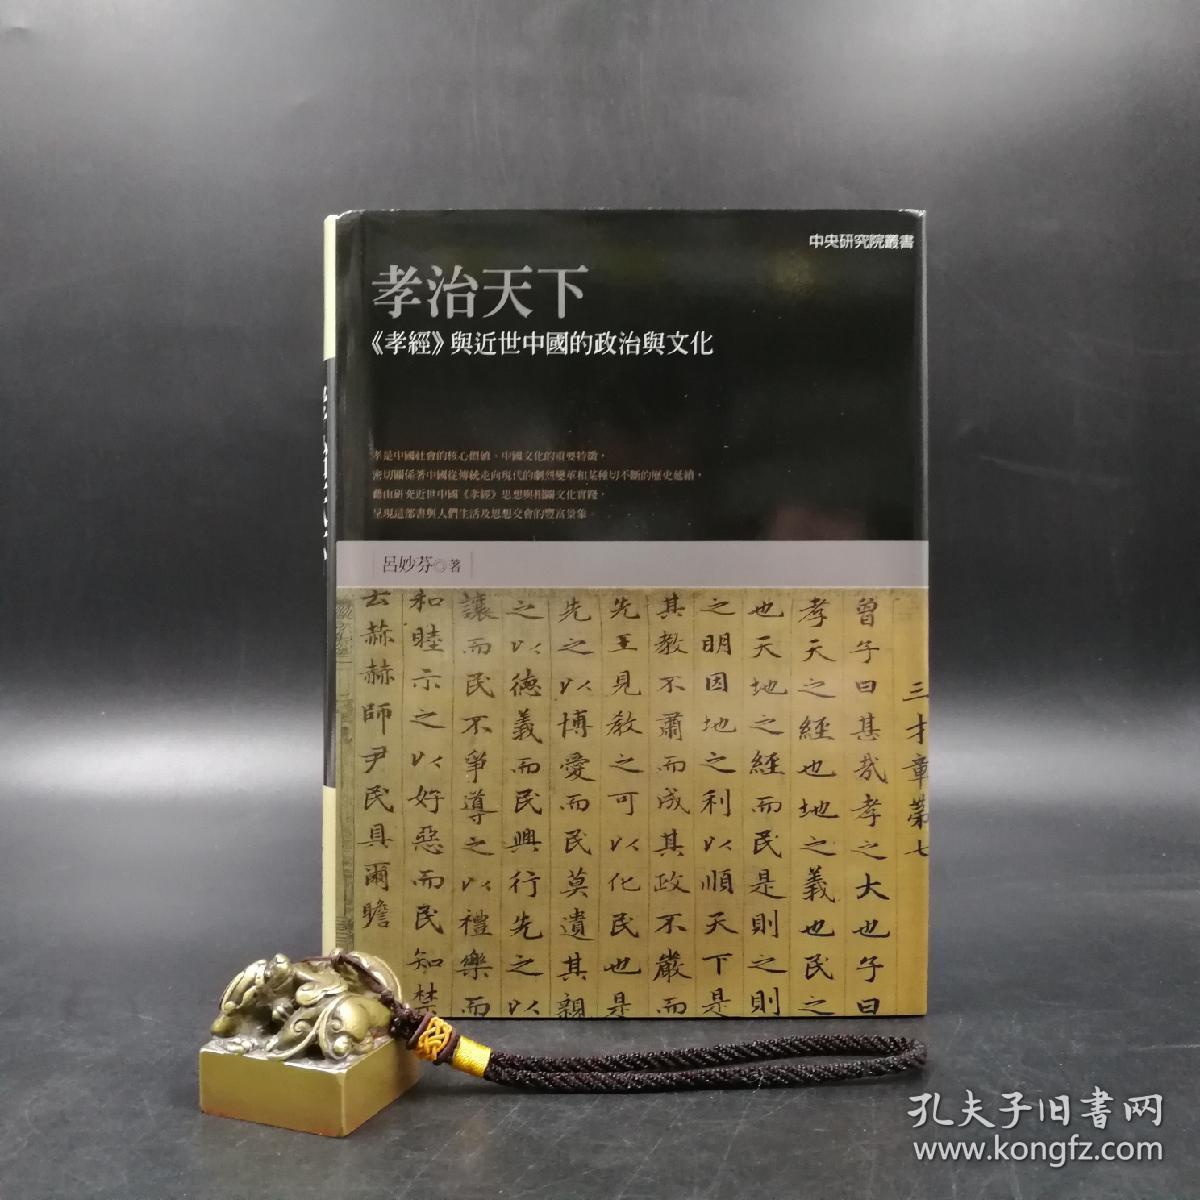 台湾联经版  吕妙芬《孝治天下:<孝經>與近世中國的政治與文化》(精裝)